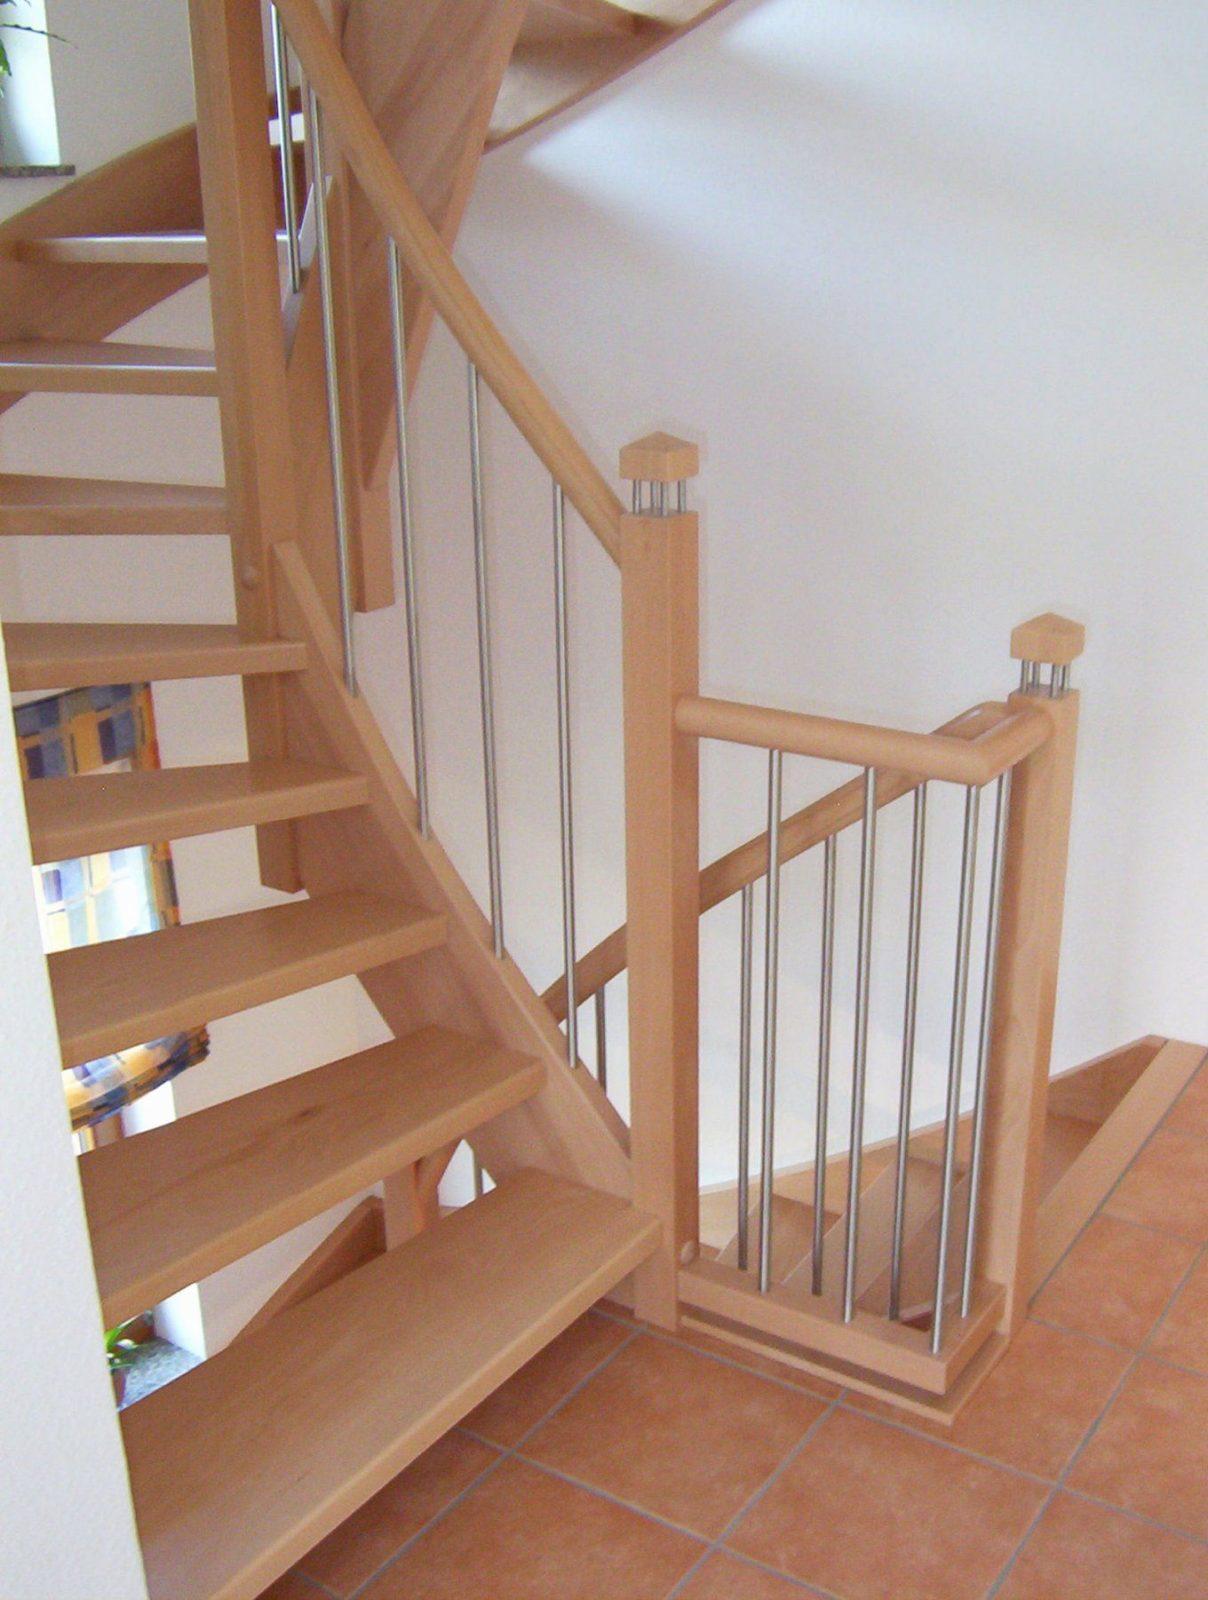 Treppengeländer Selbst Bauen Inspirierend 43 Treppe Kindersicher von Kindersicherung Treppe Selber Bauen Bild